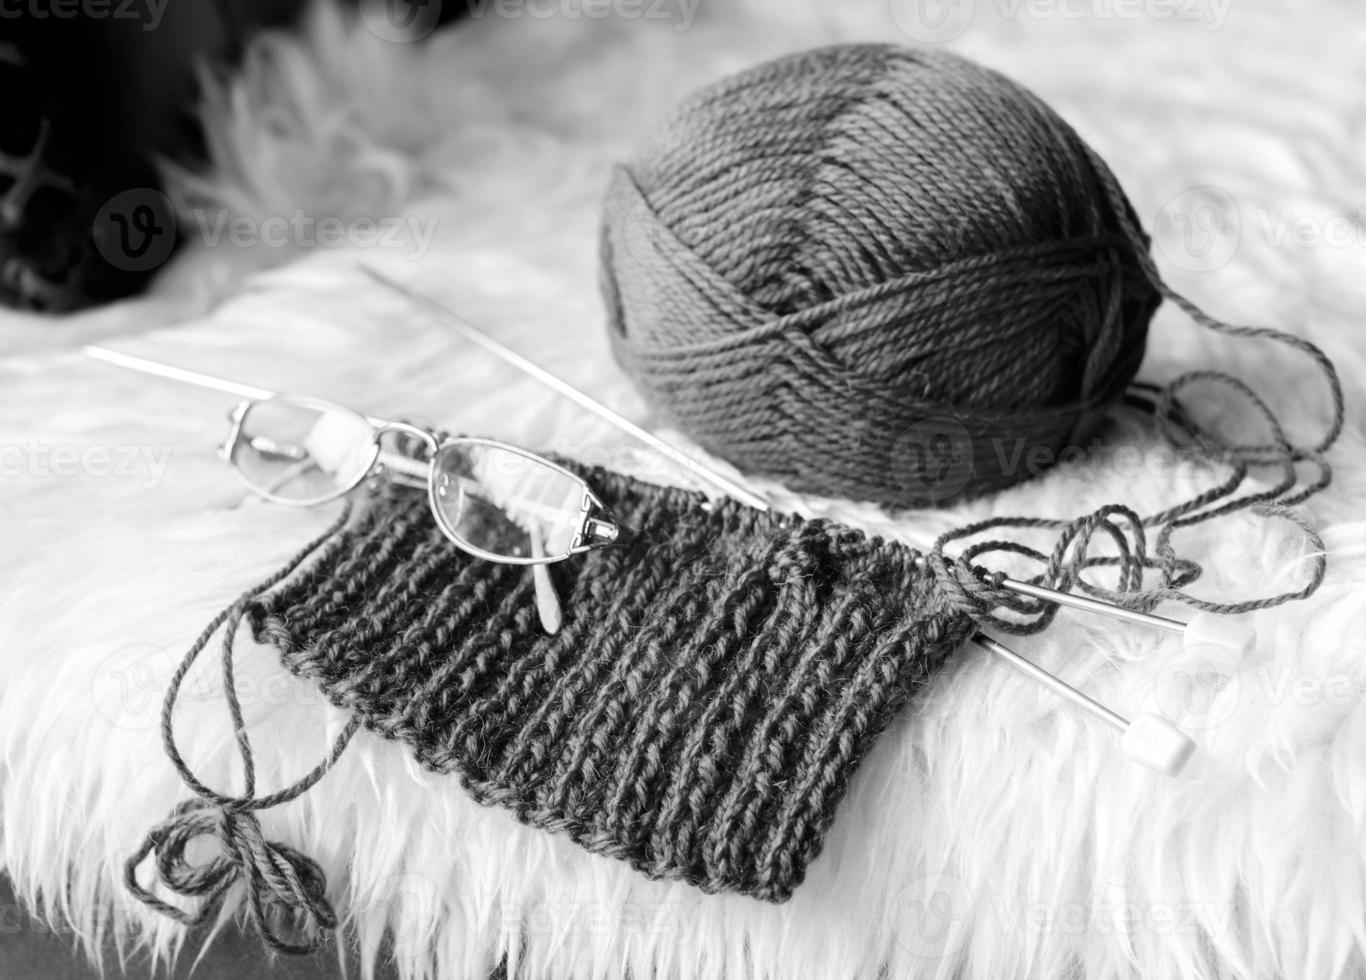 tejer en casa en blanco y negro foto